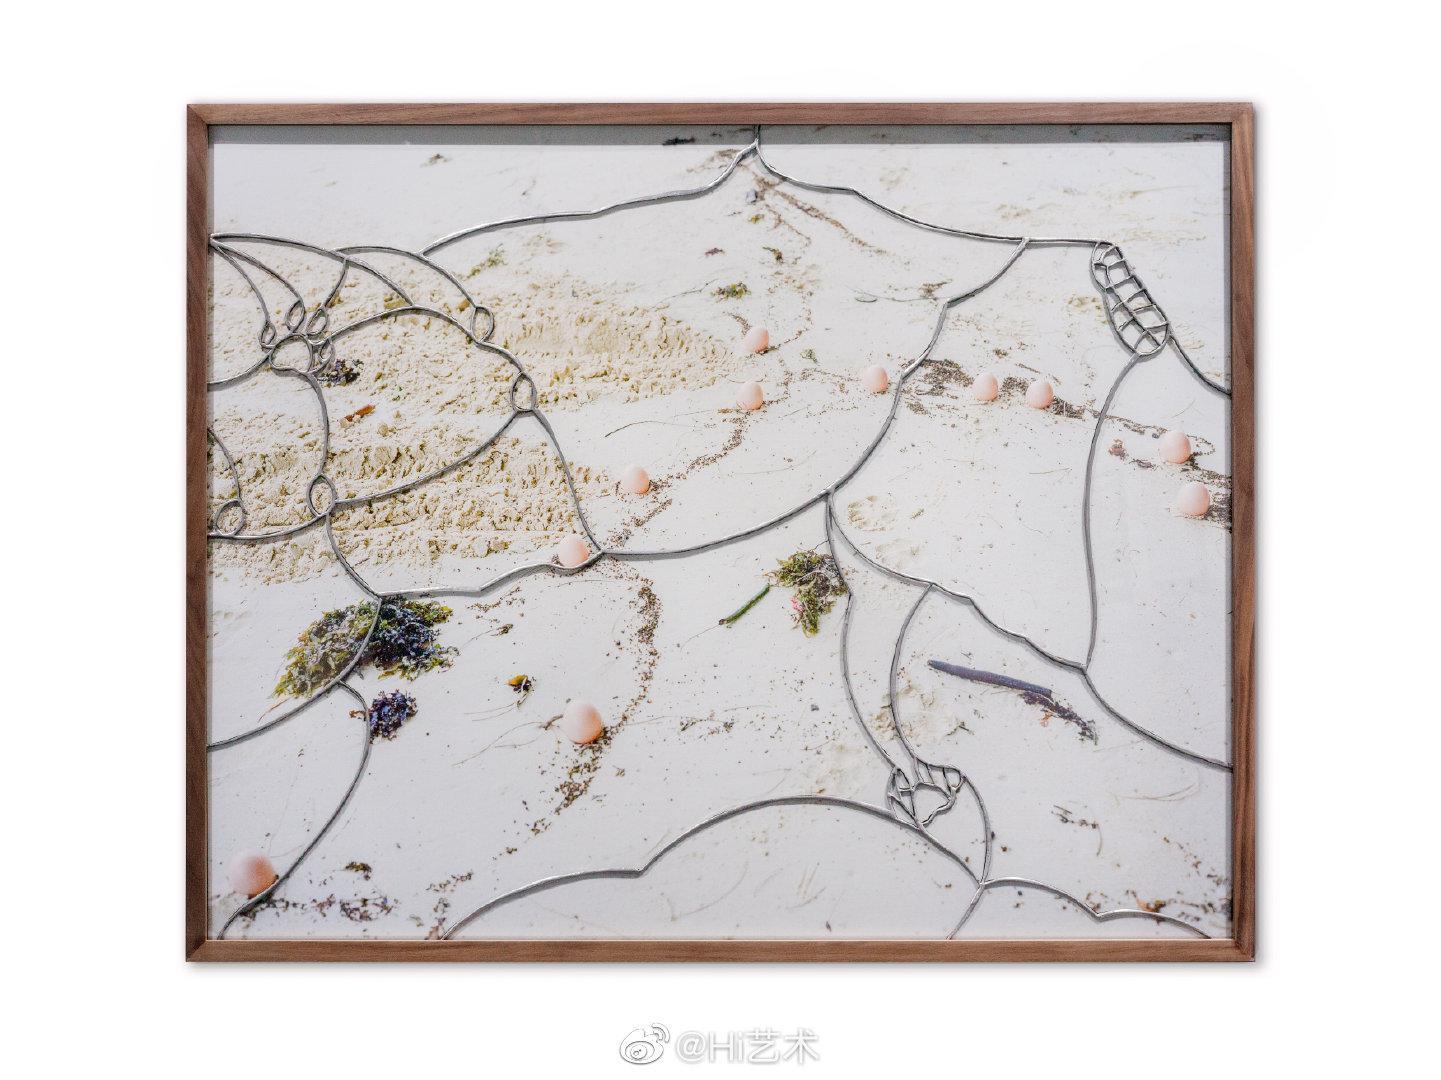 彭可新展 Gallery Vacancy(上海) 6月5日至7月3日……